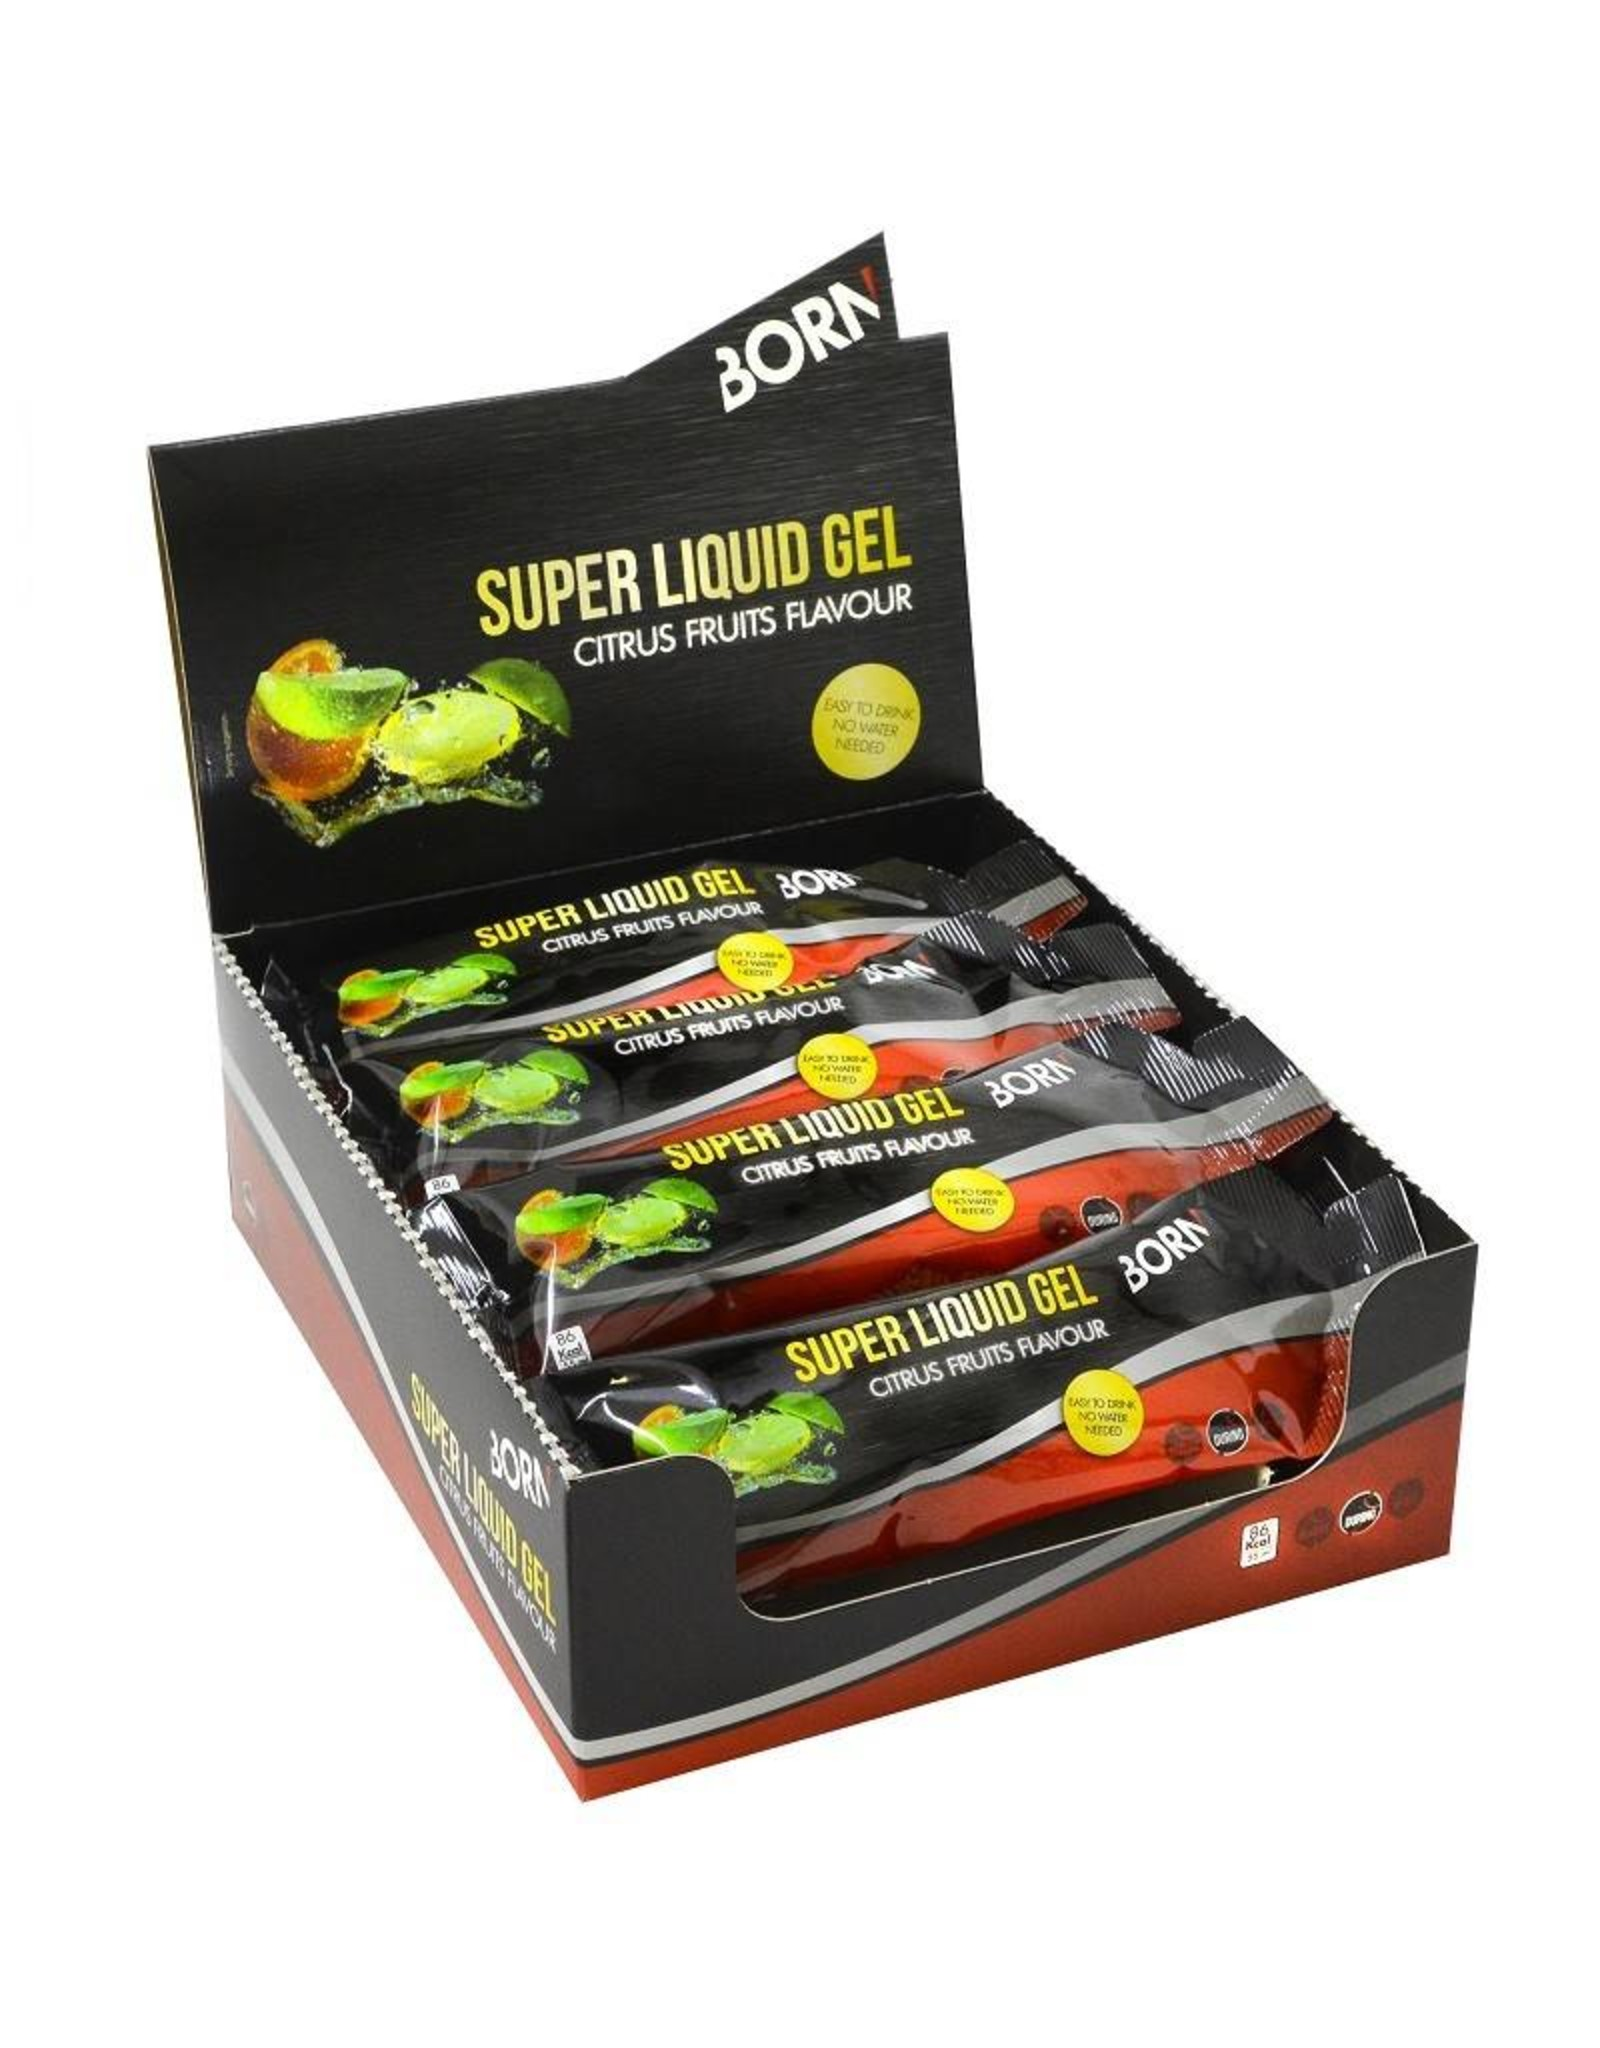 Super liquid gel citrus fruits flavour 55 ml (1 stuks)